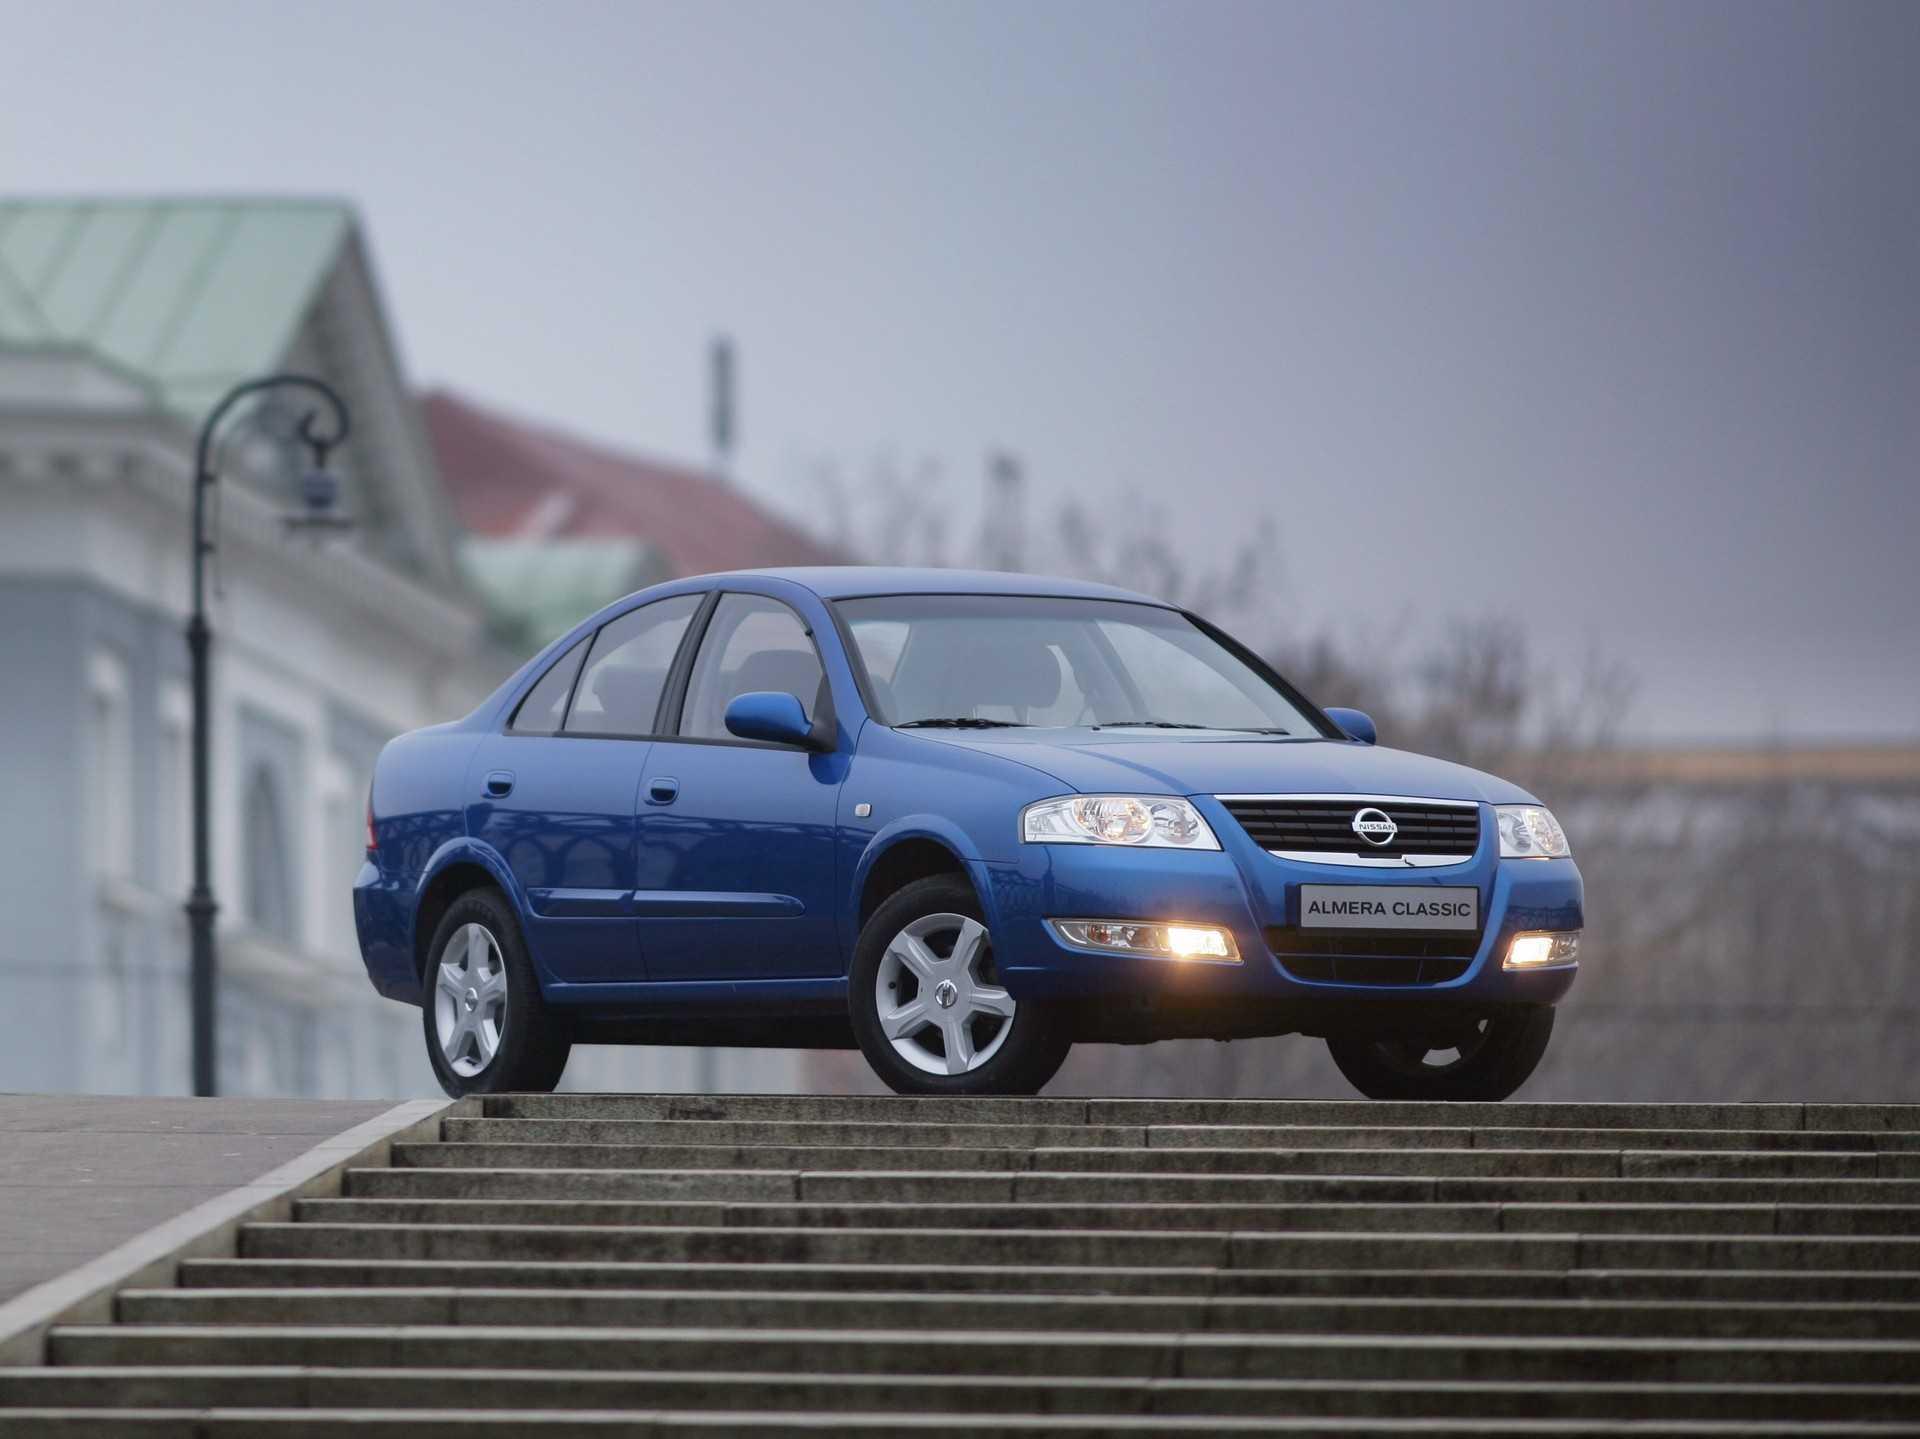 Купить шины и диски на Nissan Almera Classic B10 Sedan 1.6 2007 в интернет-магазине Вианор